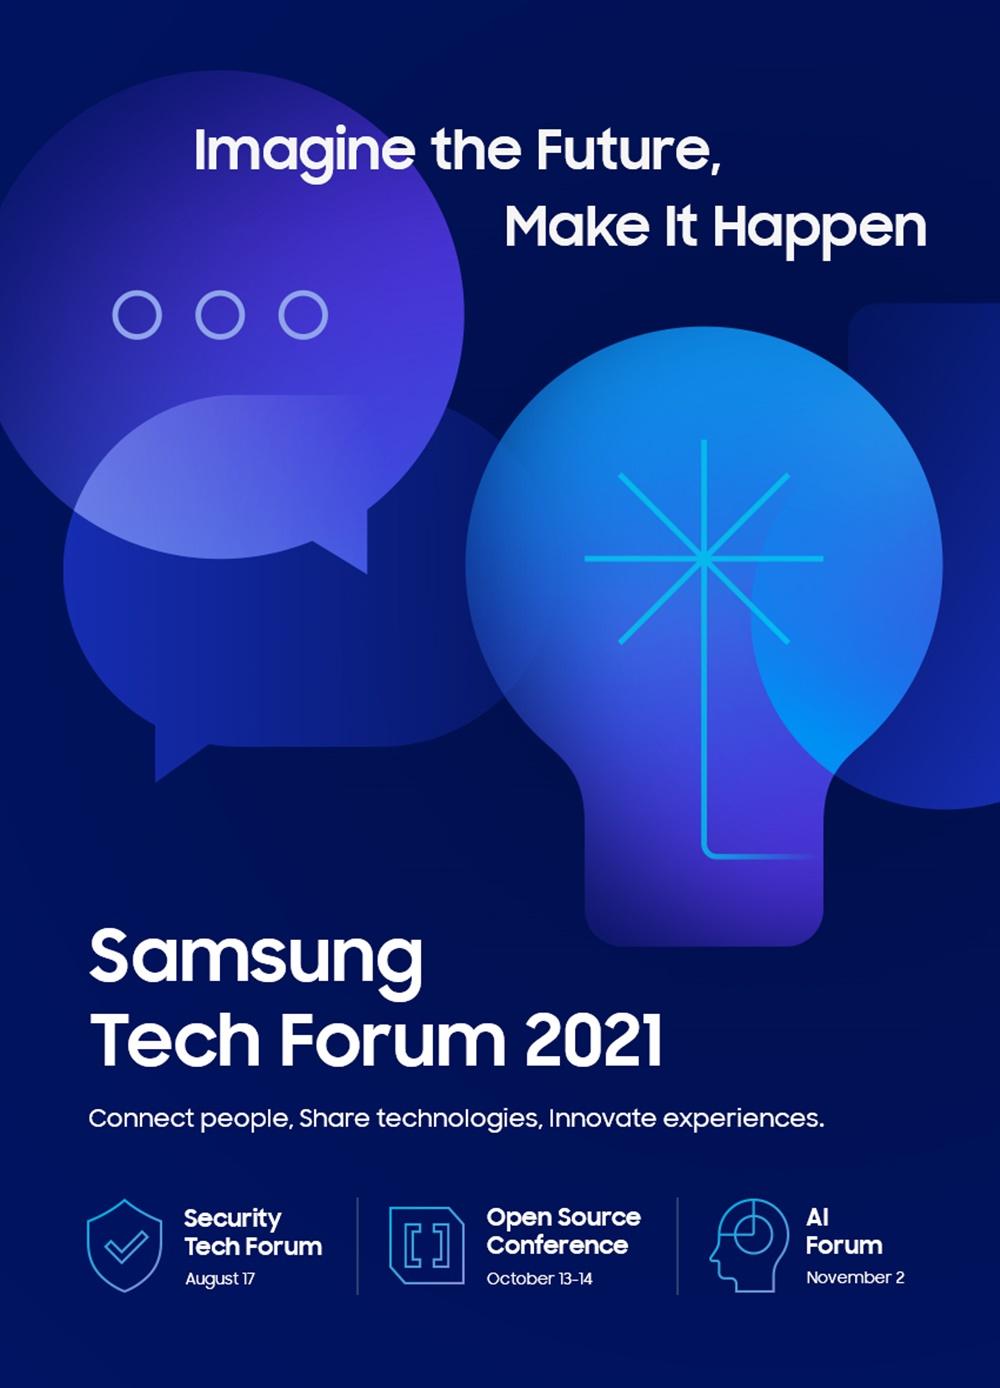 3. 삼성 테크 포럼 포스터